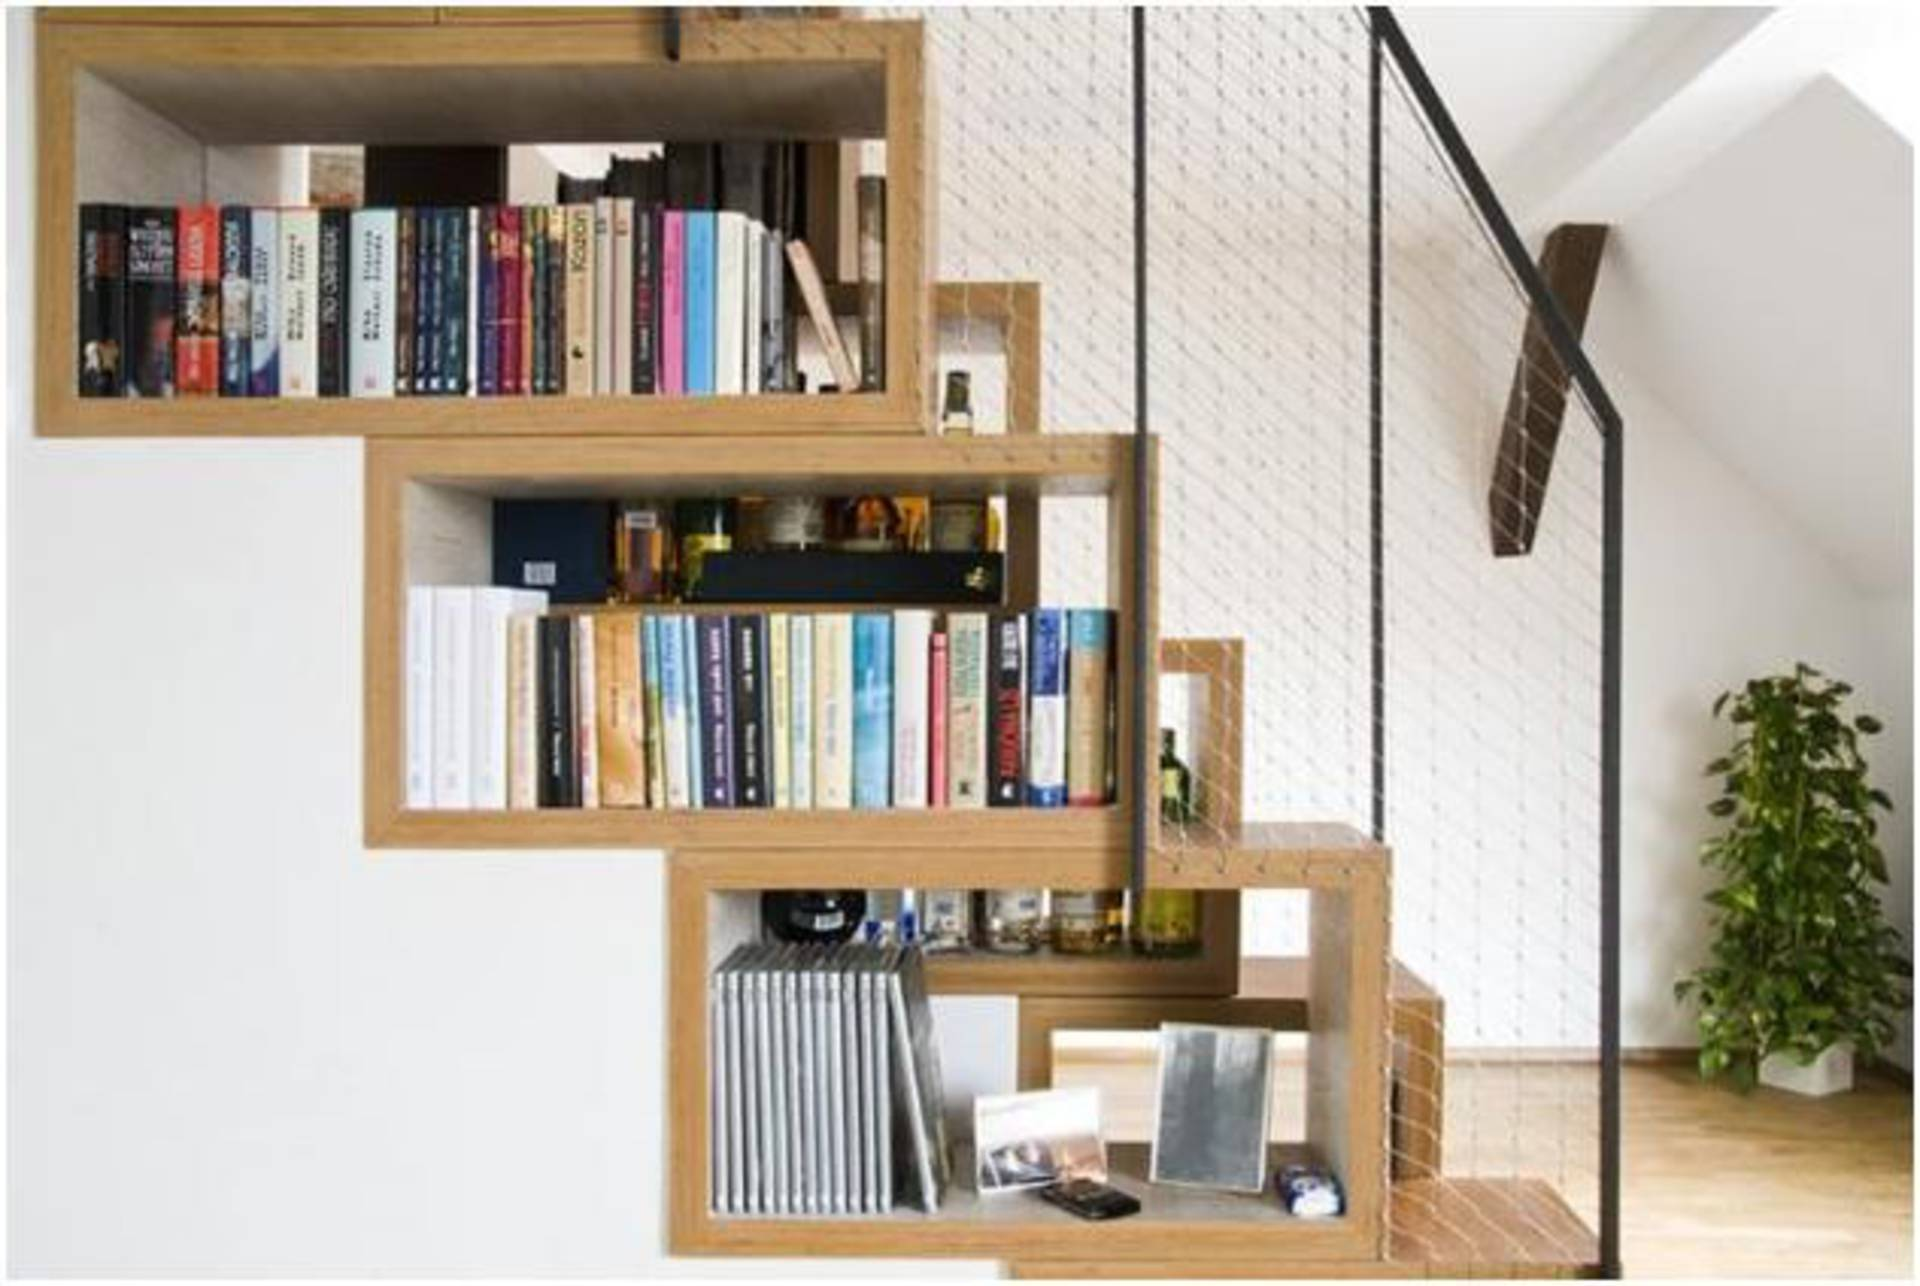 Mẹo thiết kế phòng khách có cầu thang tối ưu, độc đáo nhất